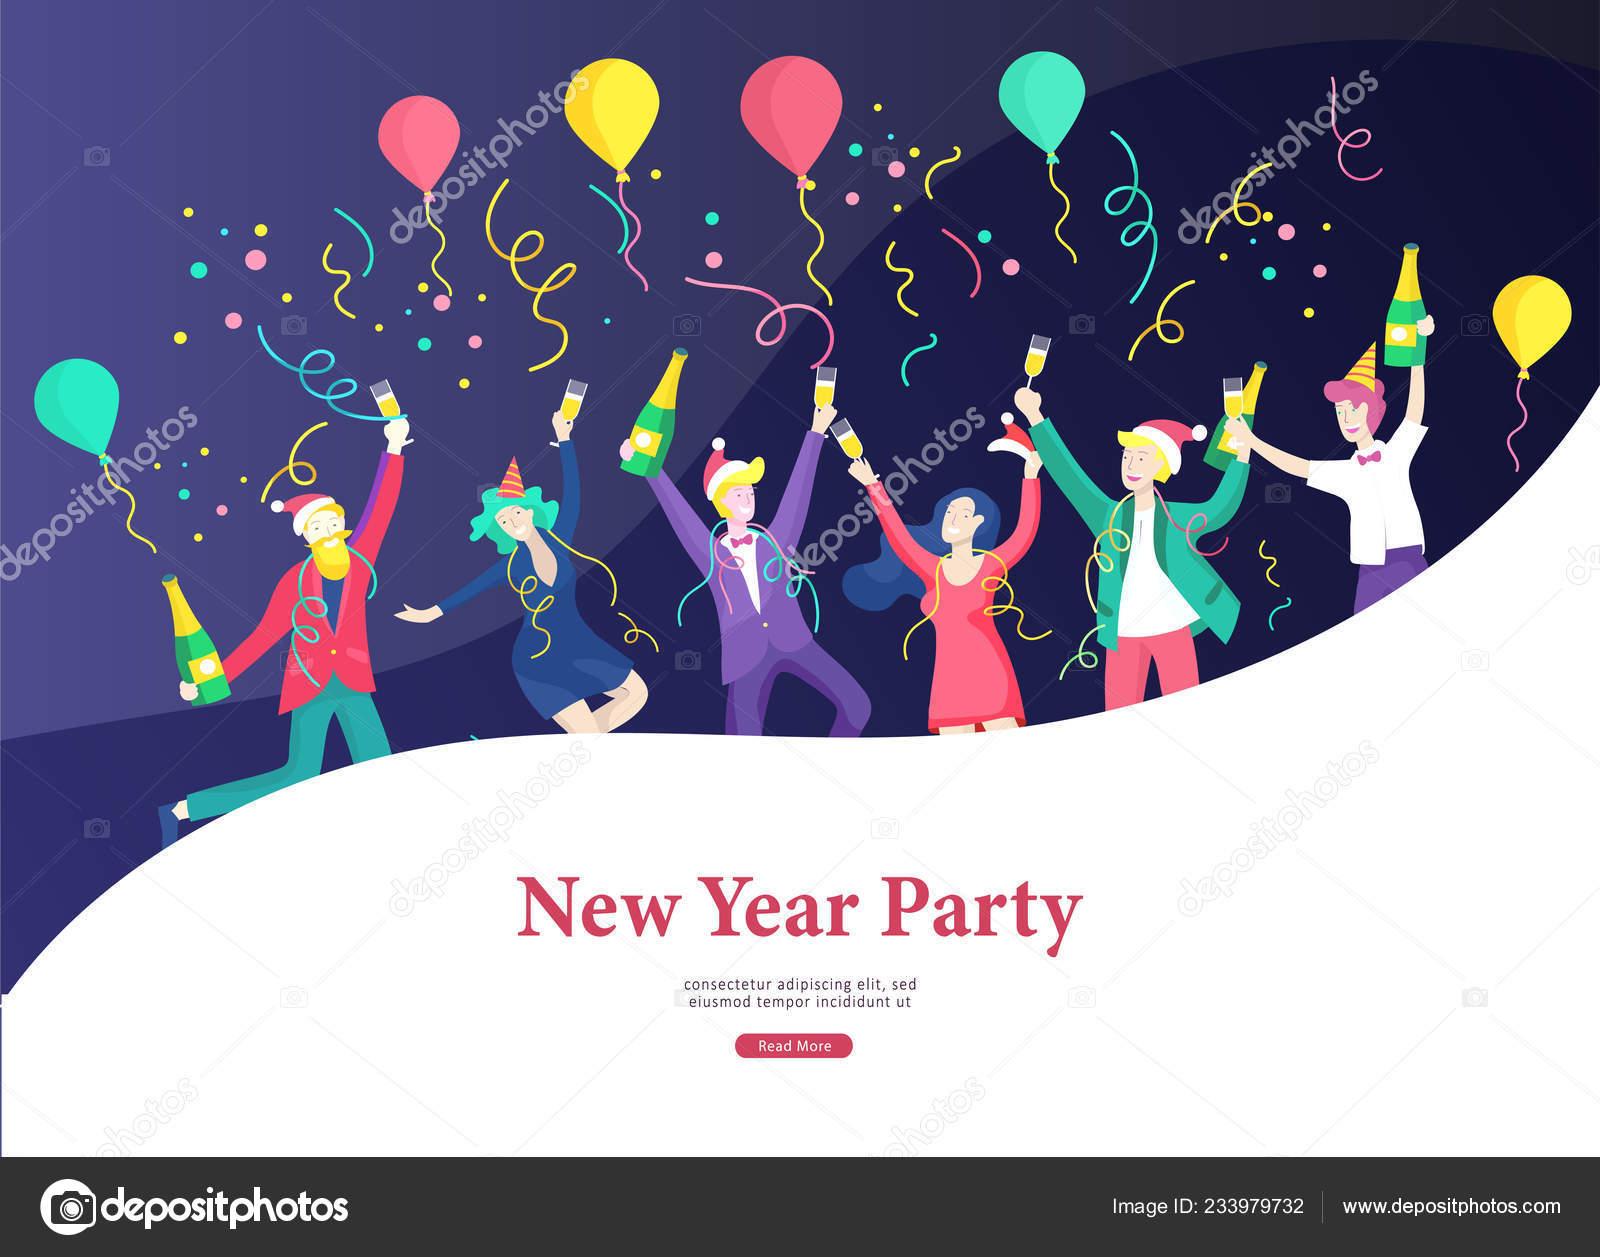 Company happy new year cards